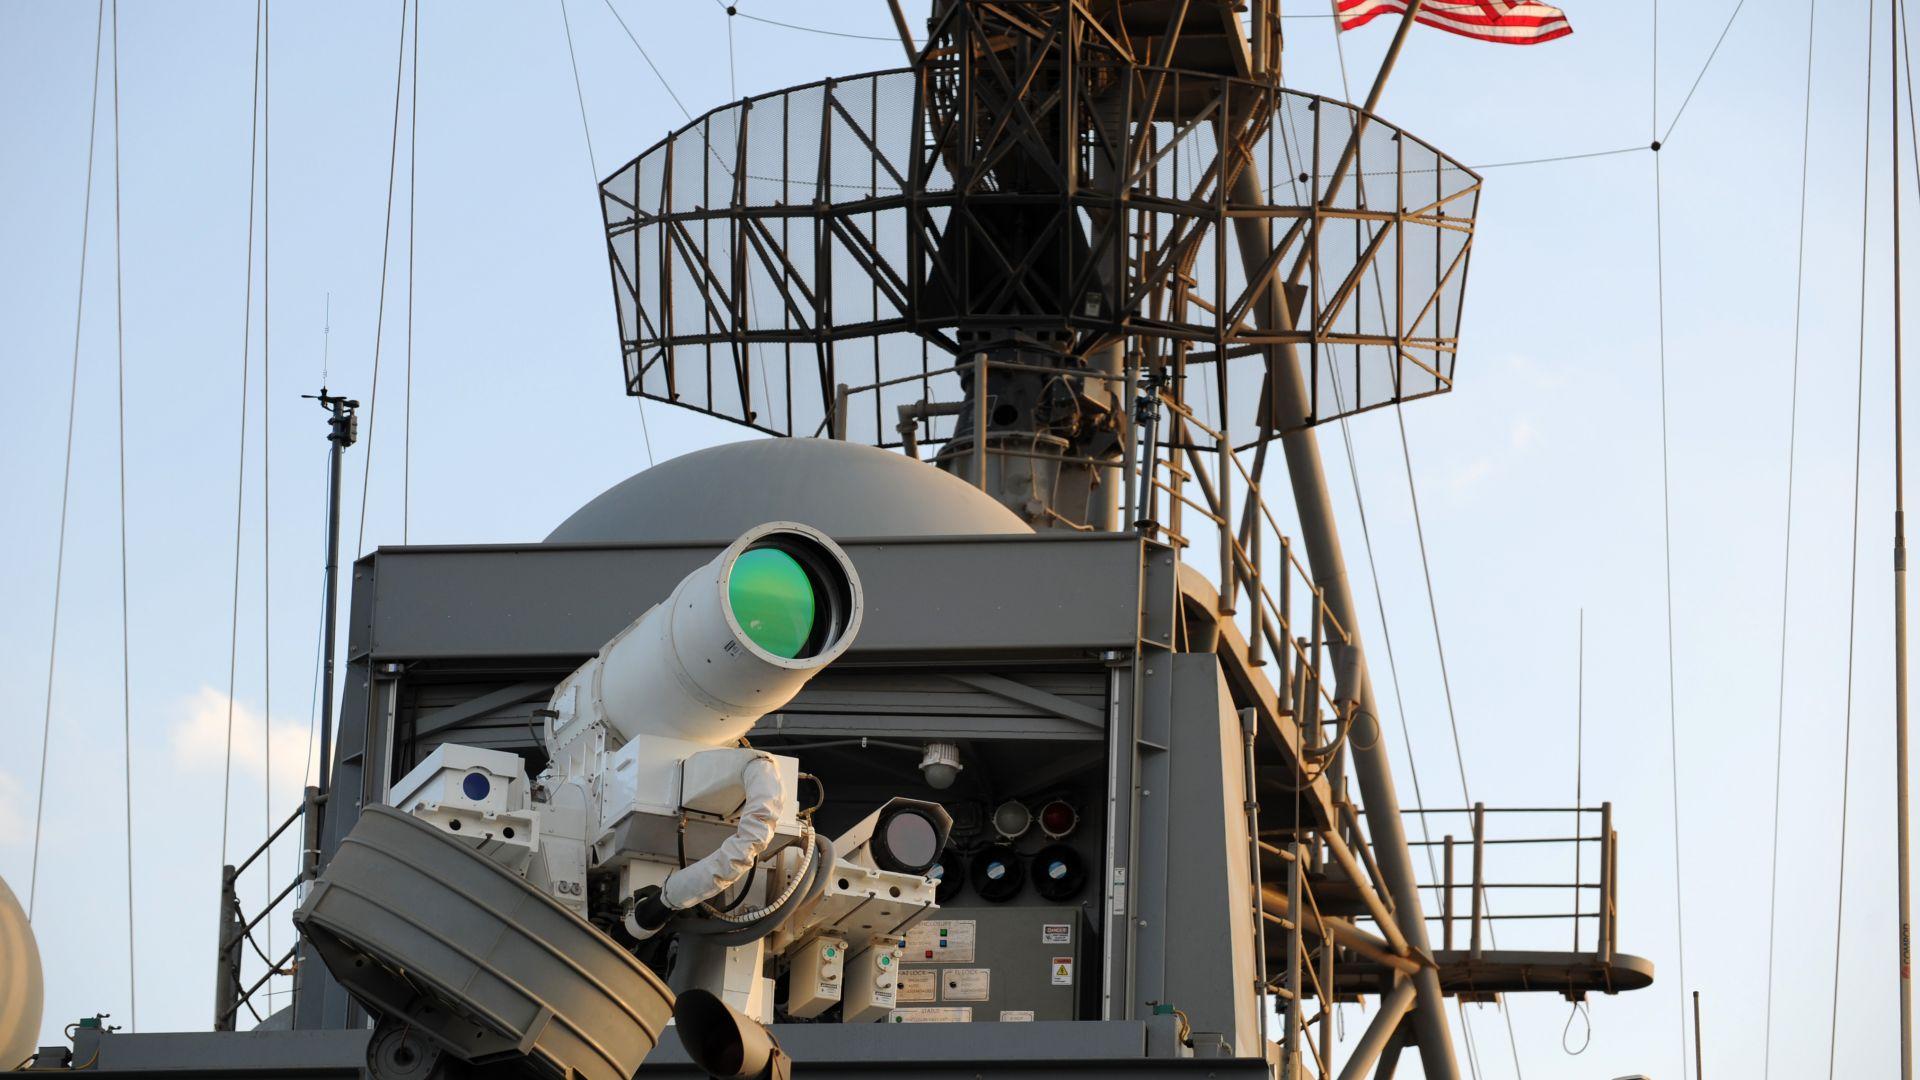 Ново лазерно оръжие буквално изпарява метала